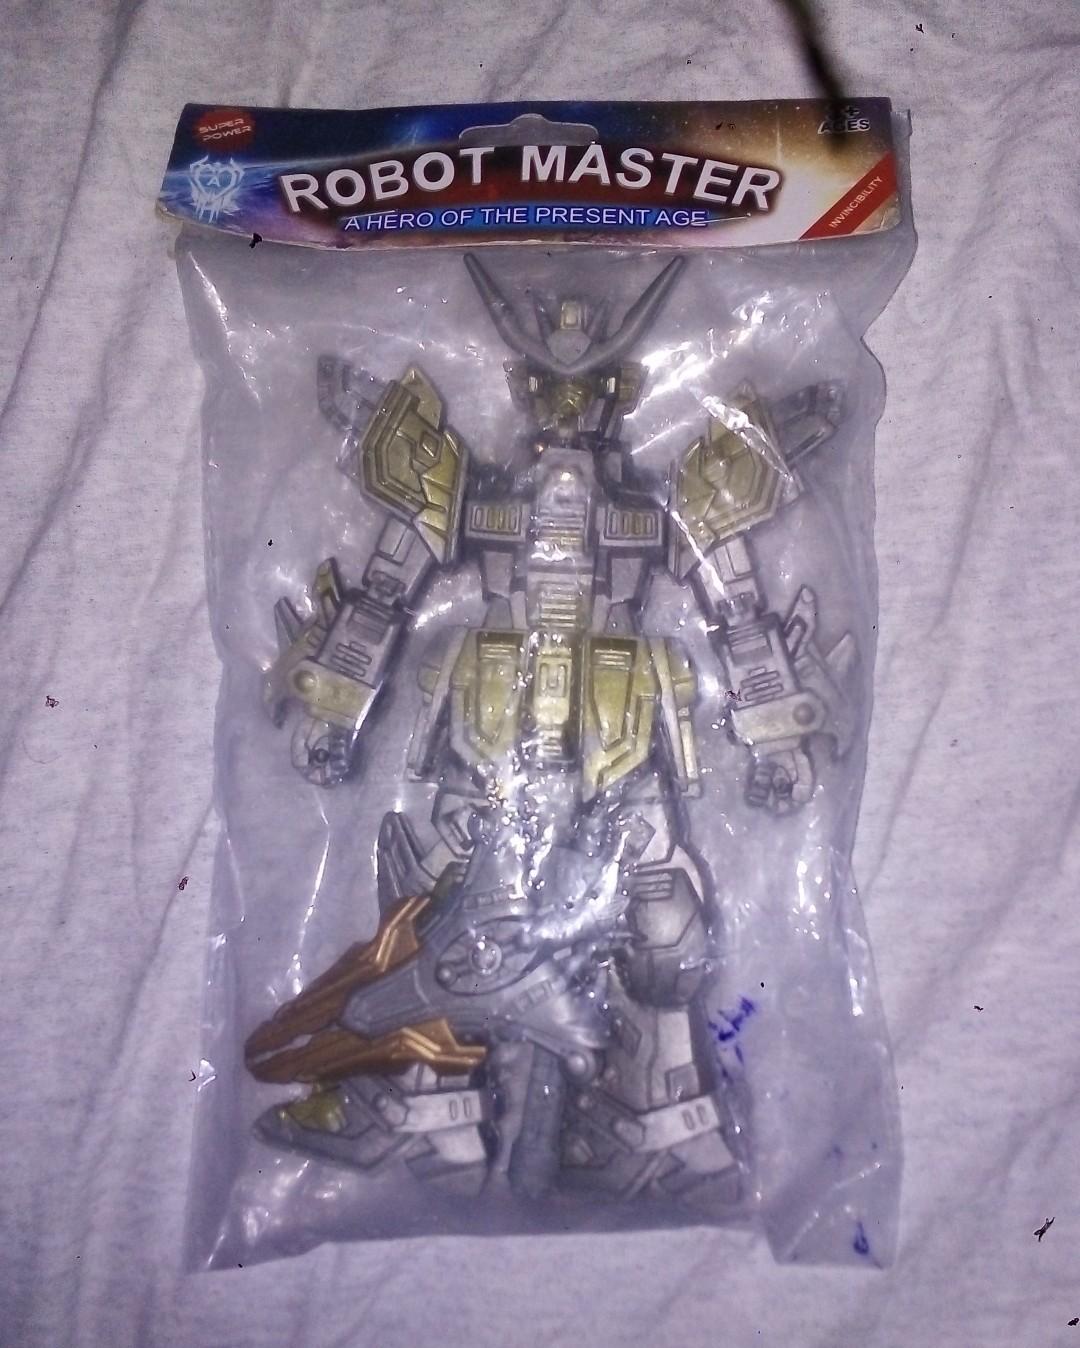 ••••••••••••••••••••••••••••••Miren el robot que venía en mí caja de cereal - meme